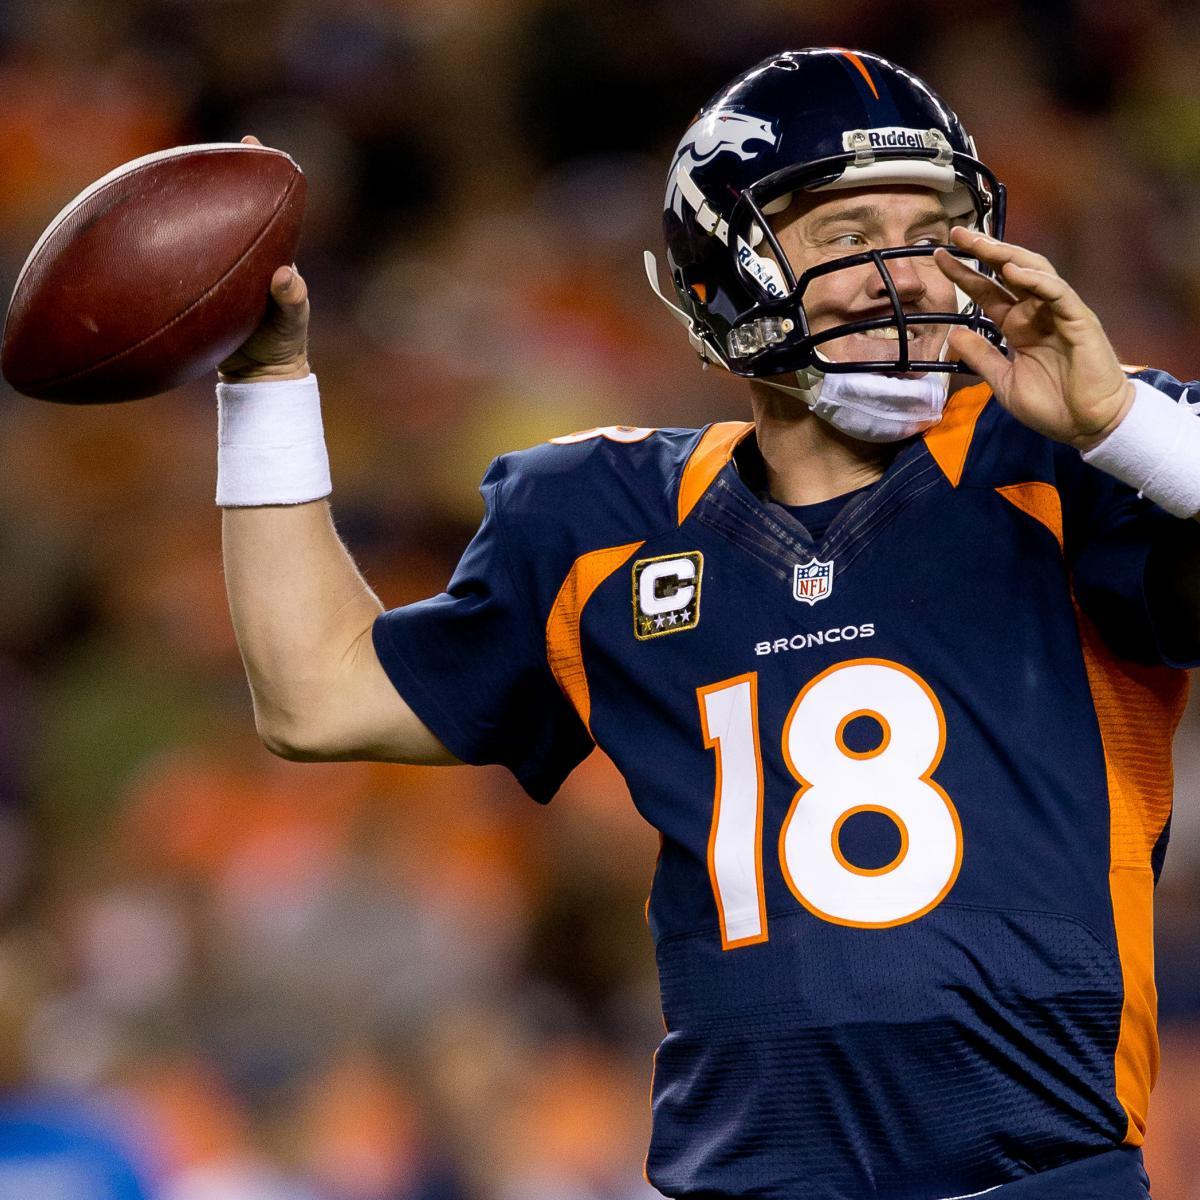 Peyton Manning: Analyzing Denver Broncos QB's MVP